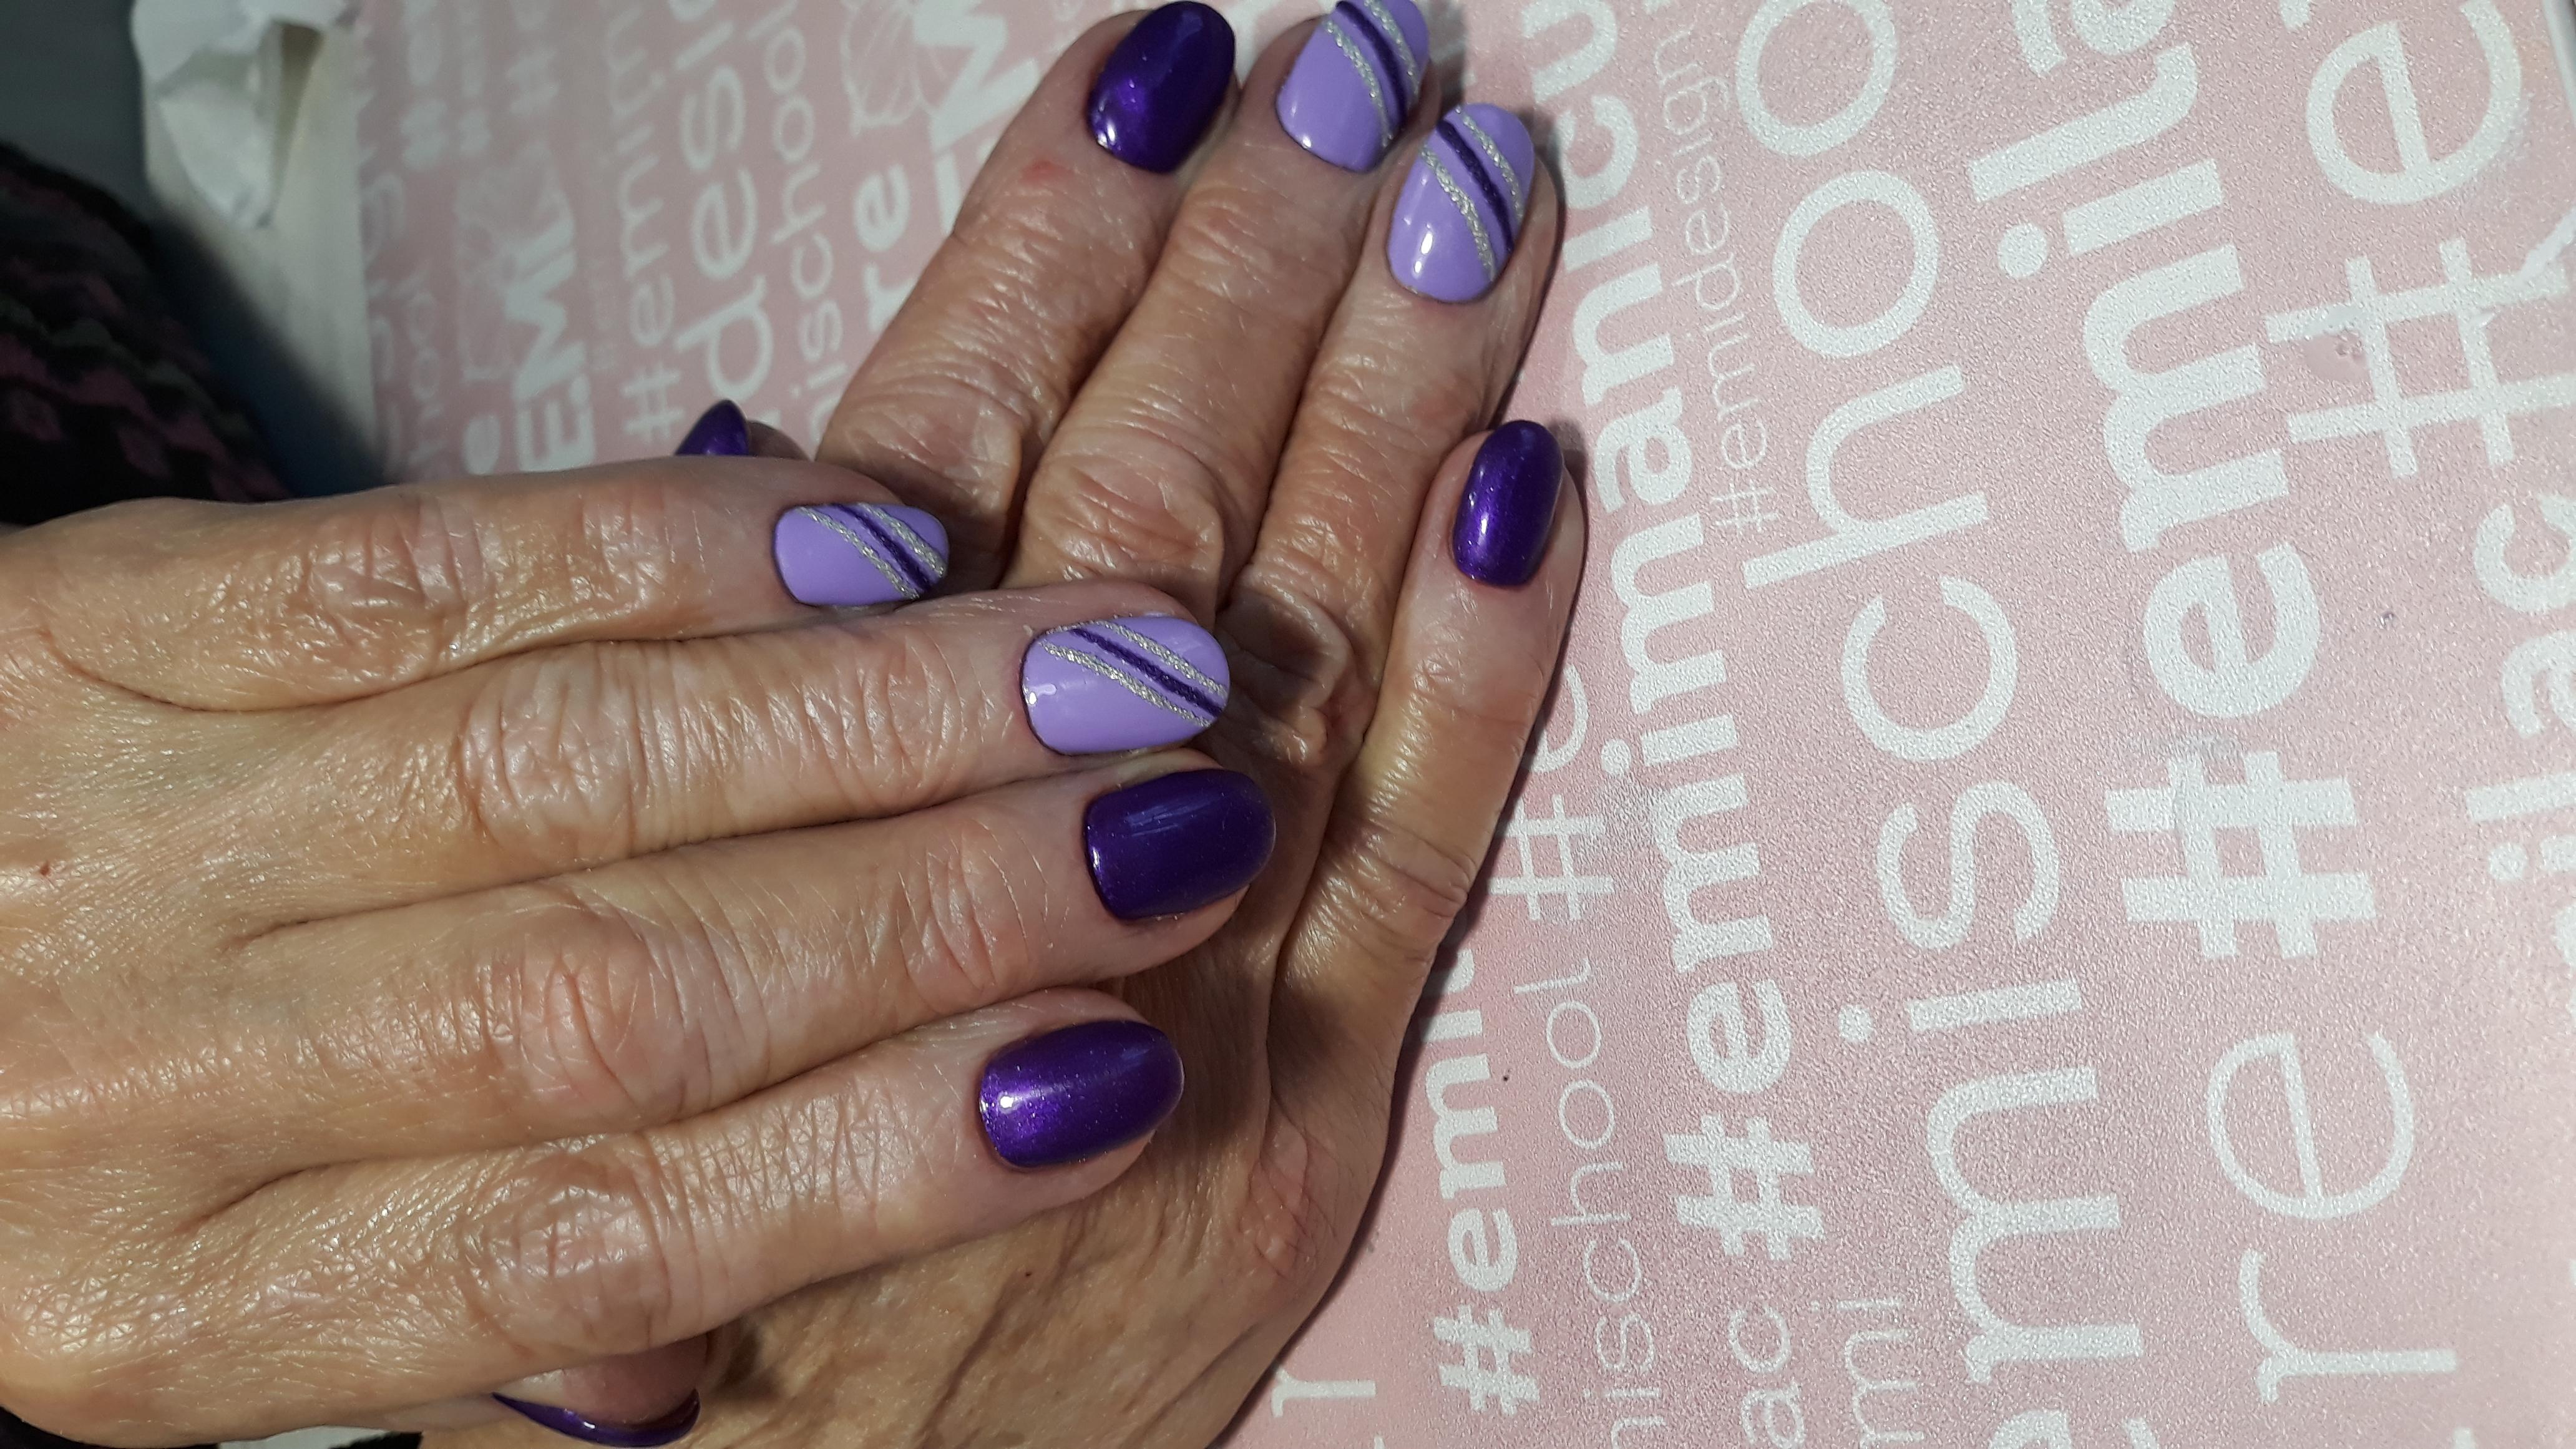 Маникюр в фиолетовом цвете с полосками и серебряными блёстками.